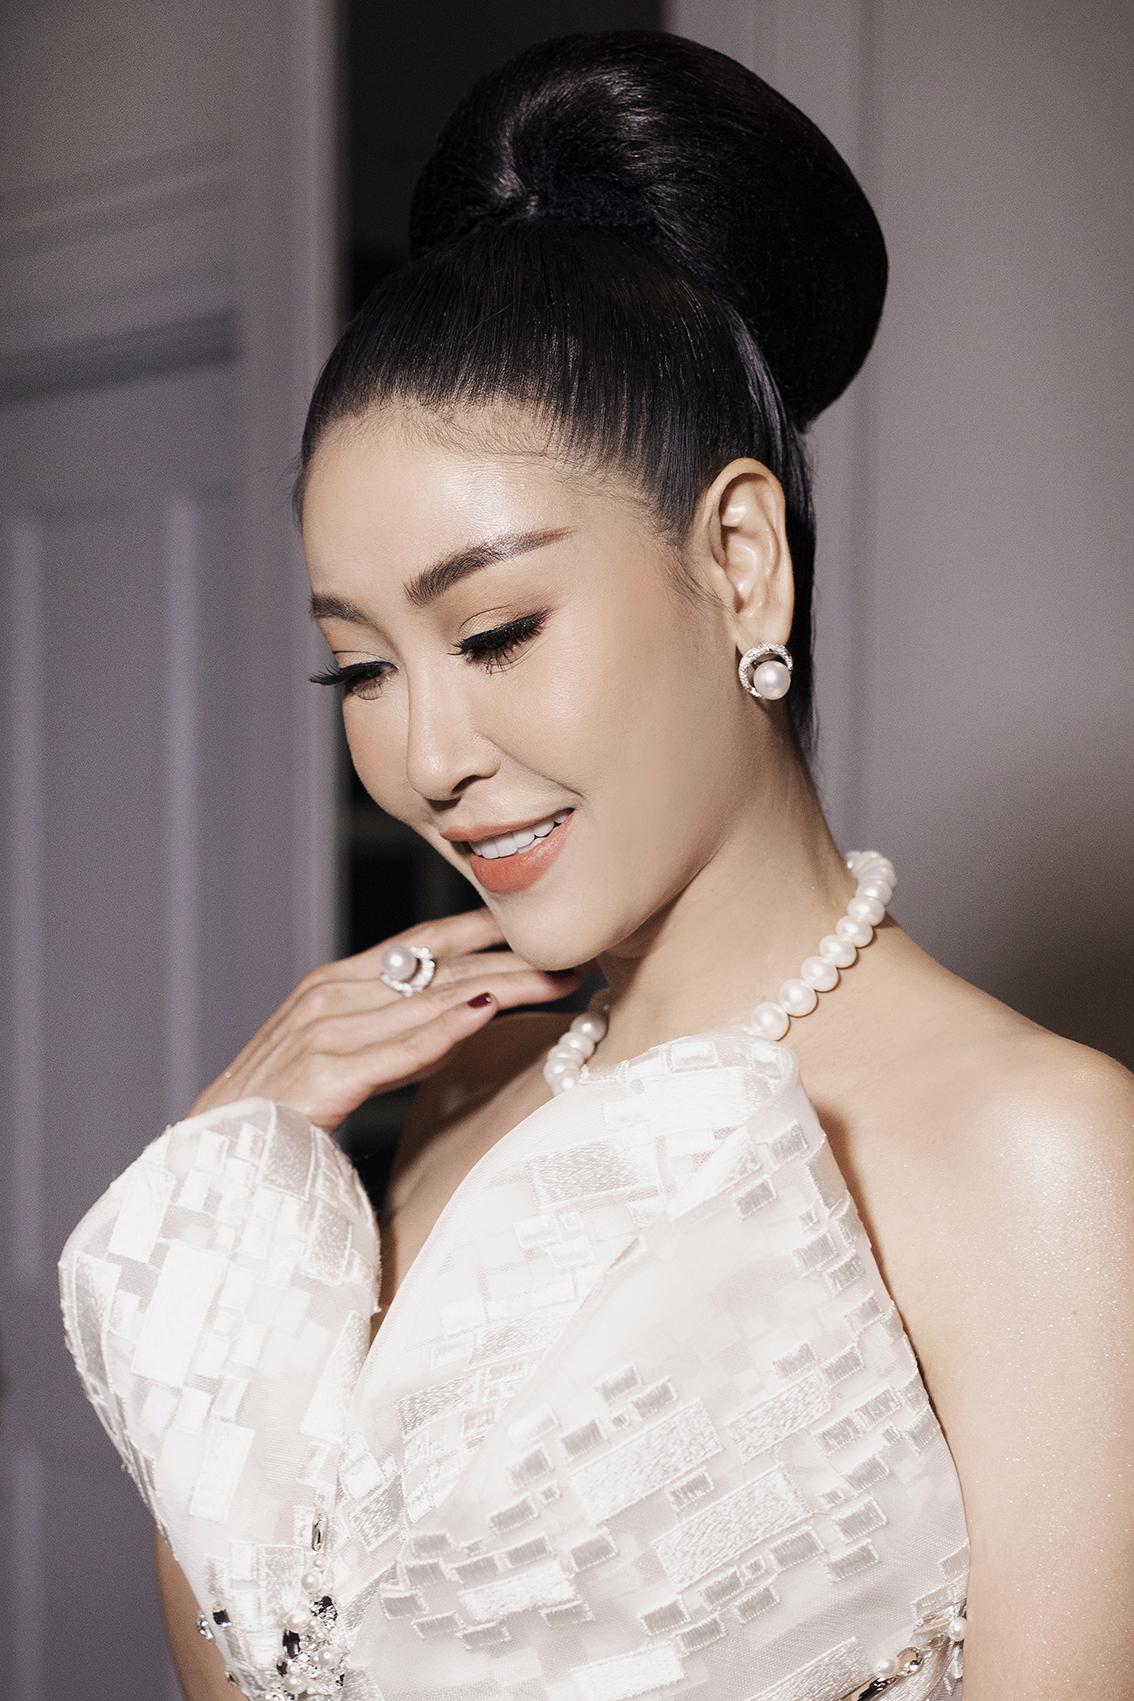 Hoa hậu Hà Kiều Anh diện chiếc váy cưới đặc biệt từ nhà thiết kế Hoàng Hải cùng South Sea - bộ trang sức ngọc trai  được ví như những đại trân châu tuyệt tác từ đại dương.